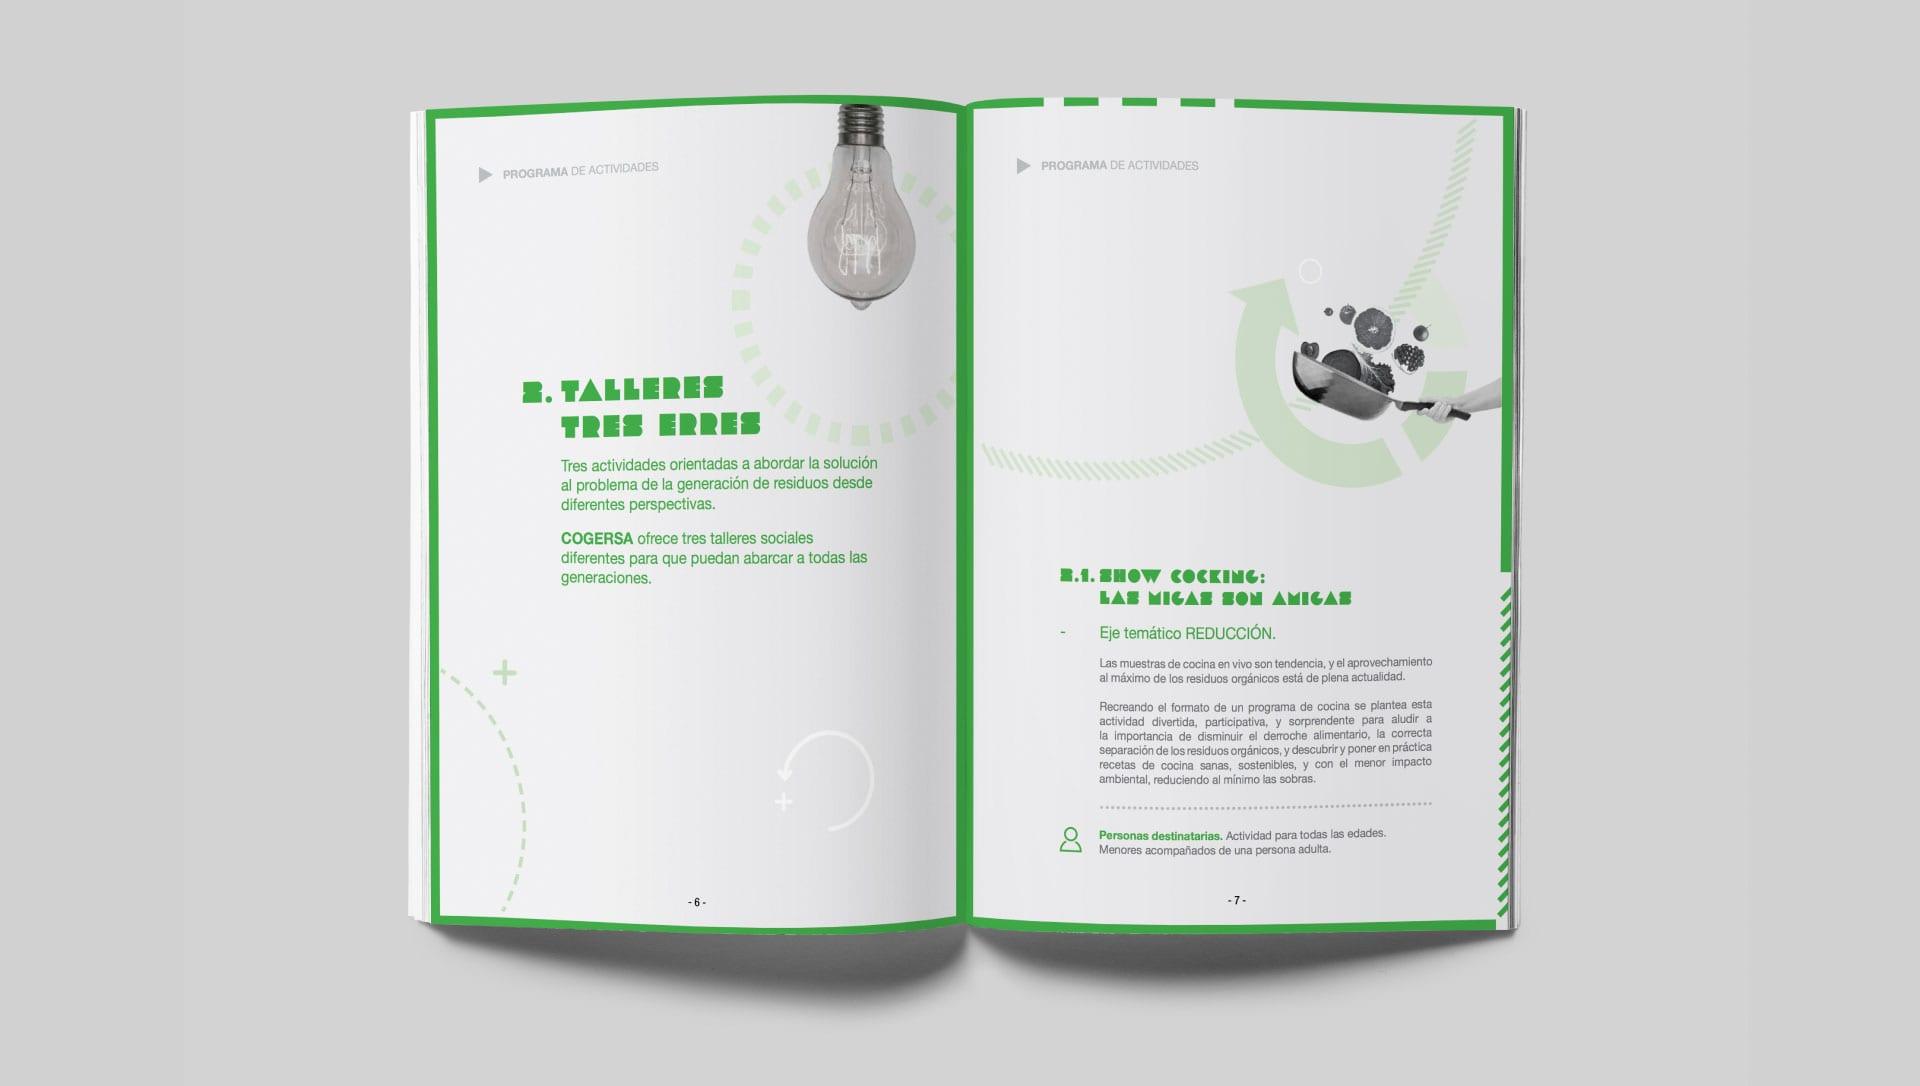 Diseño editorial de programa actividades de Cogersa dirigido a los ayuntamientos de Asturias.